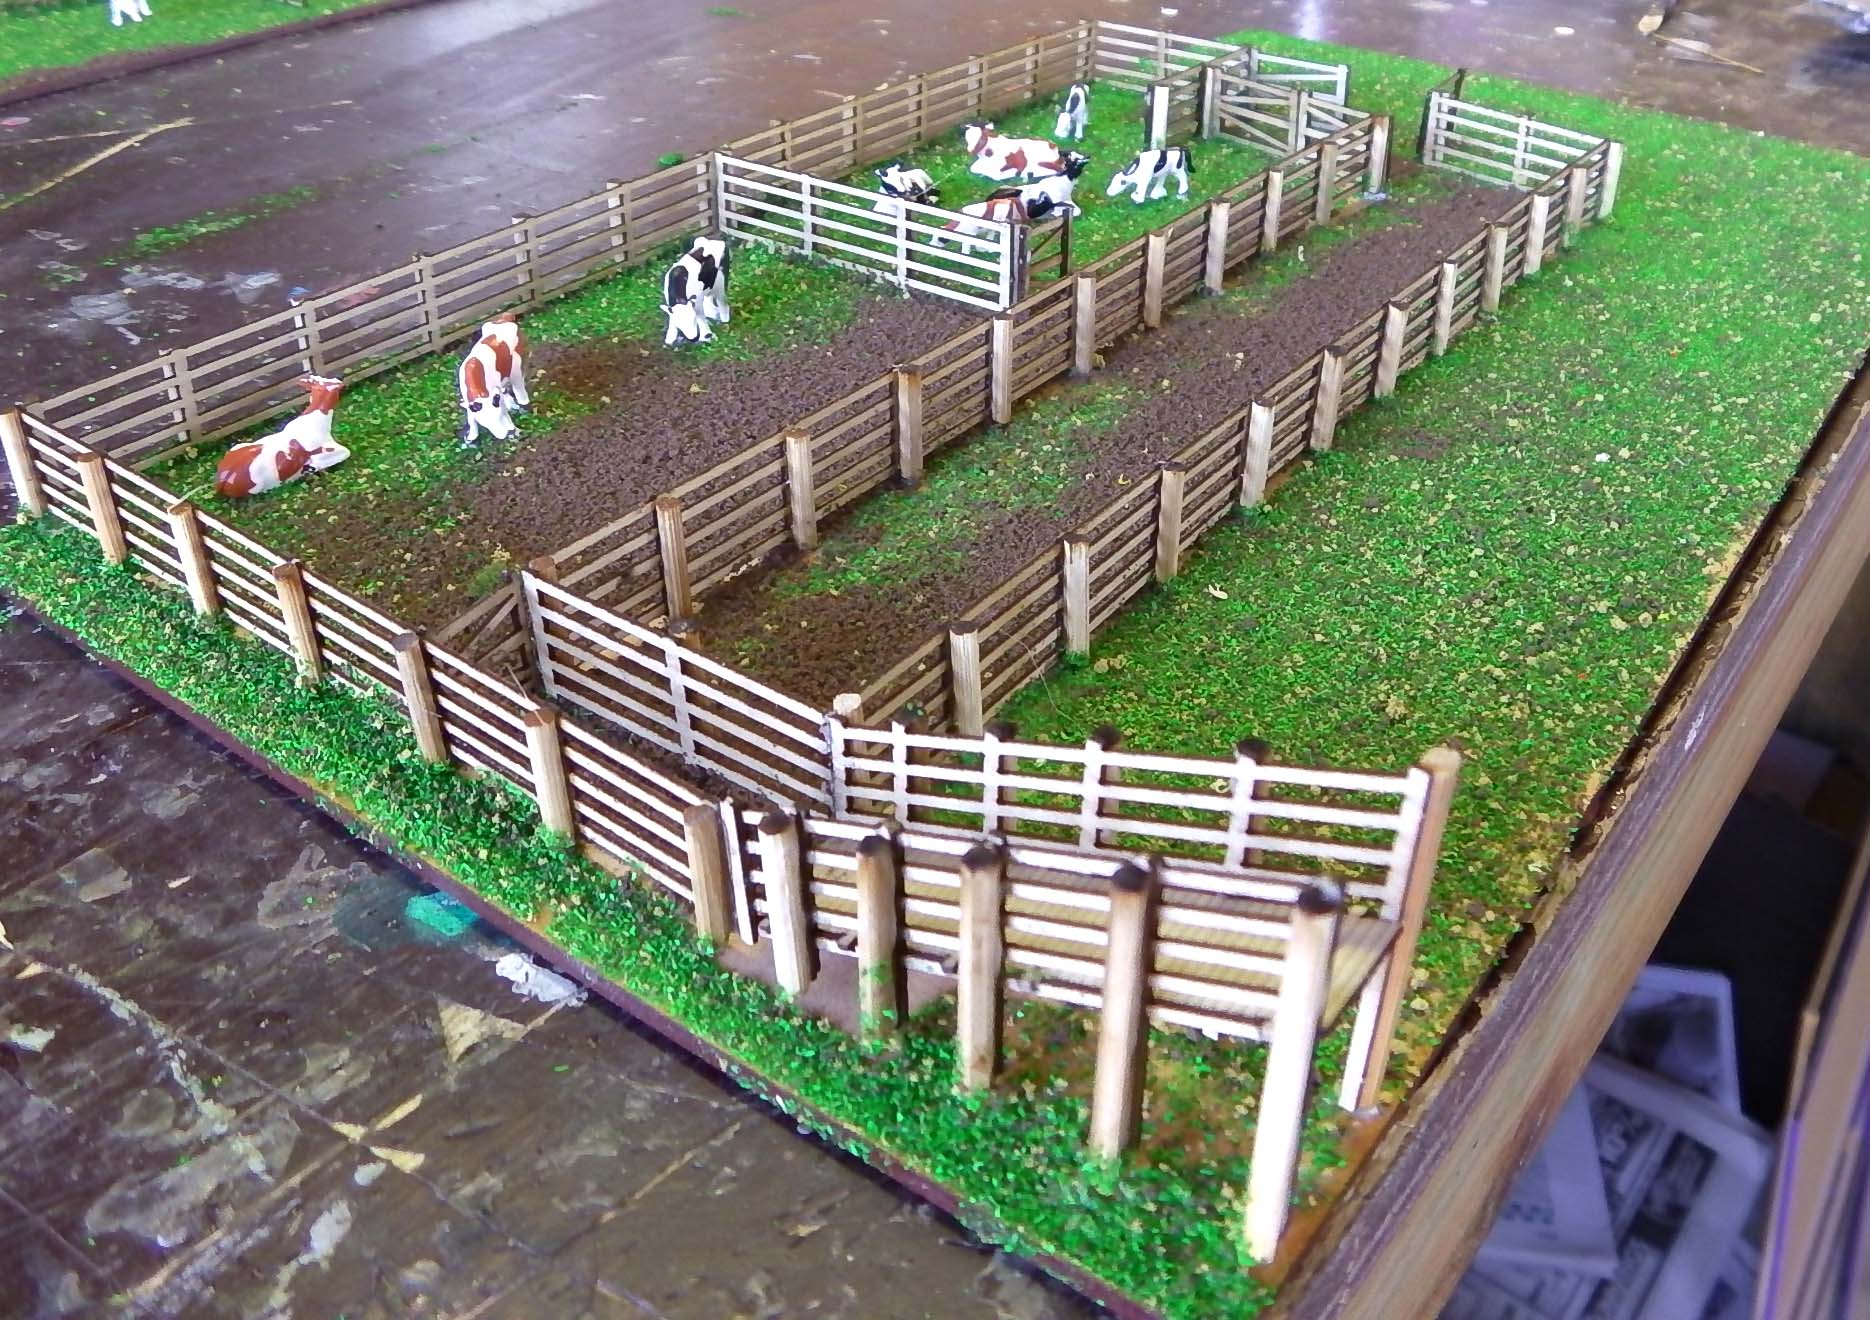 Cattle Yard Model Train Buildings